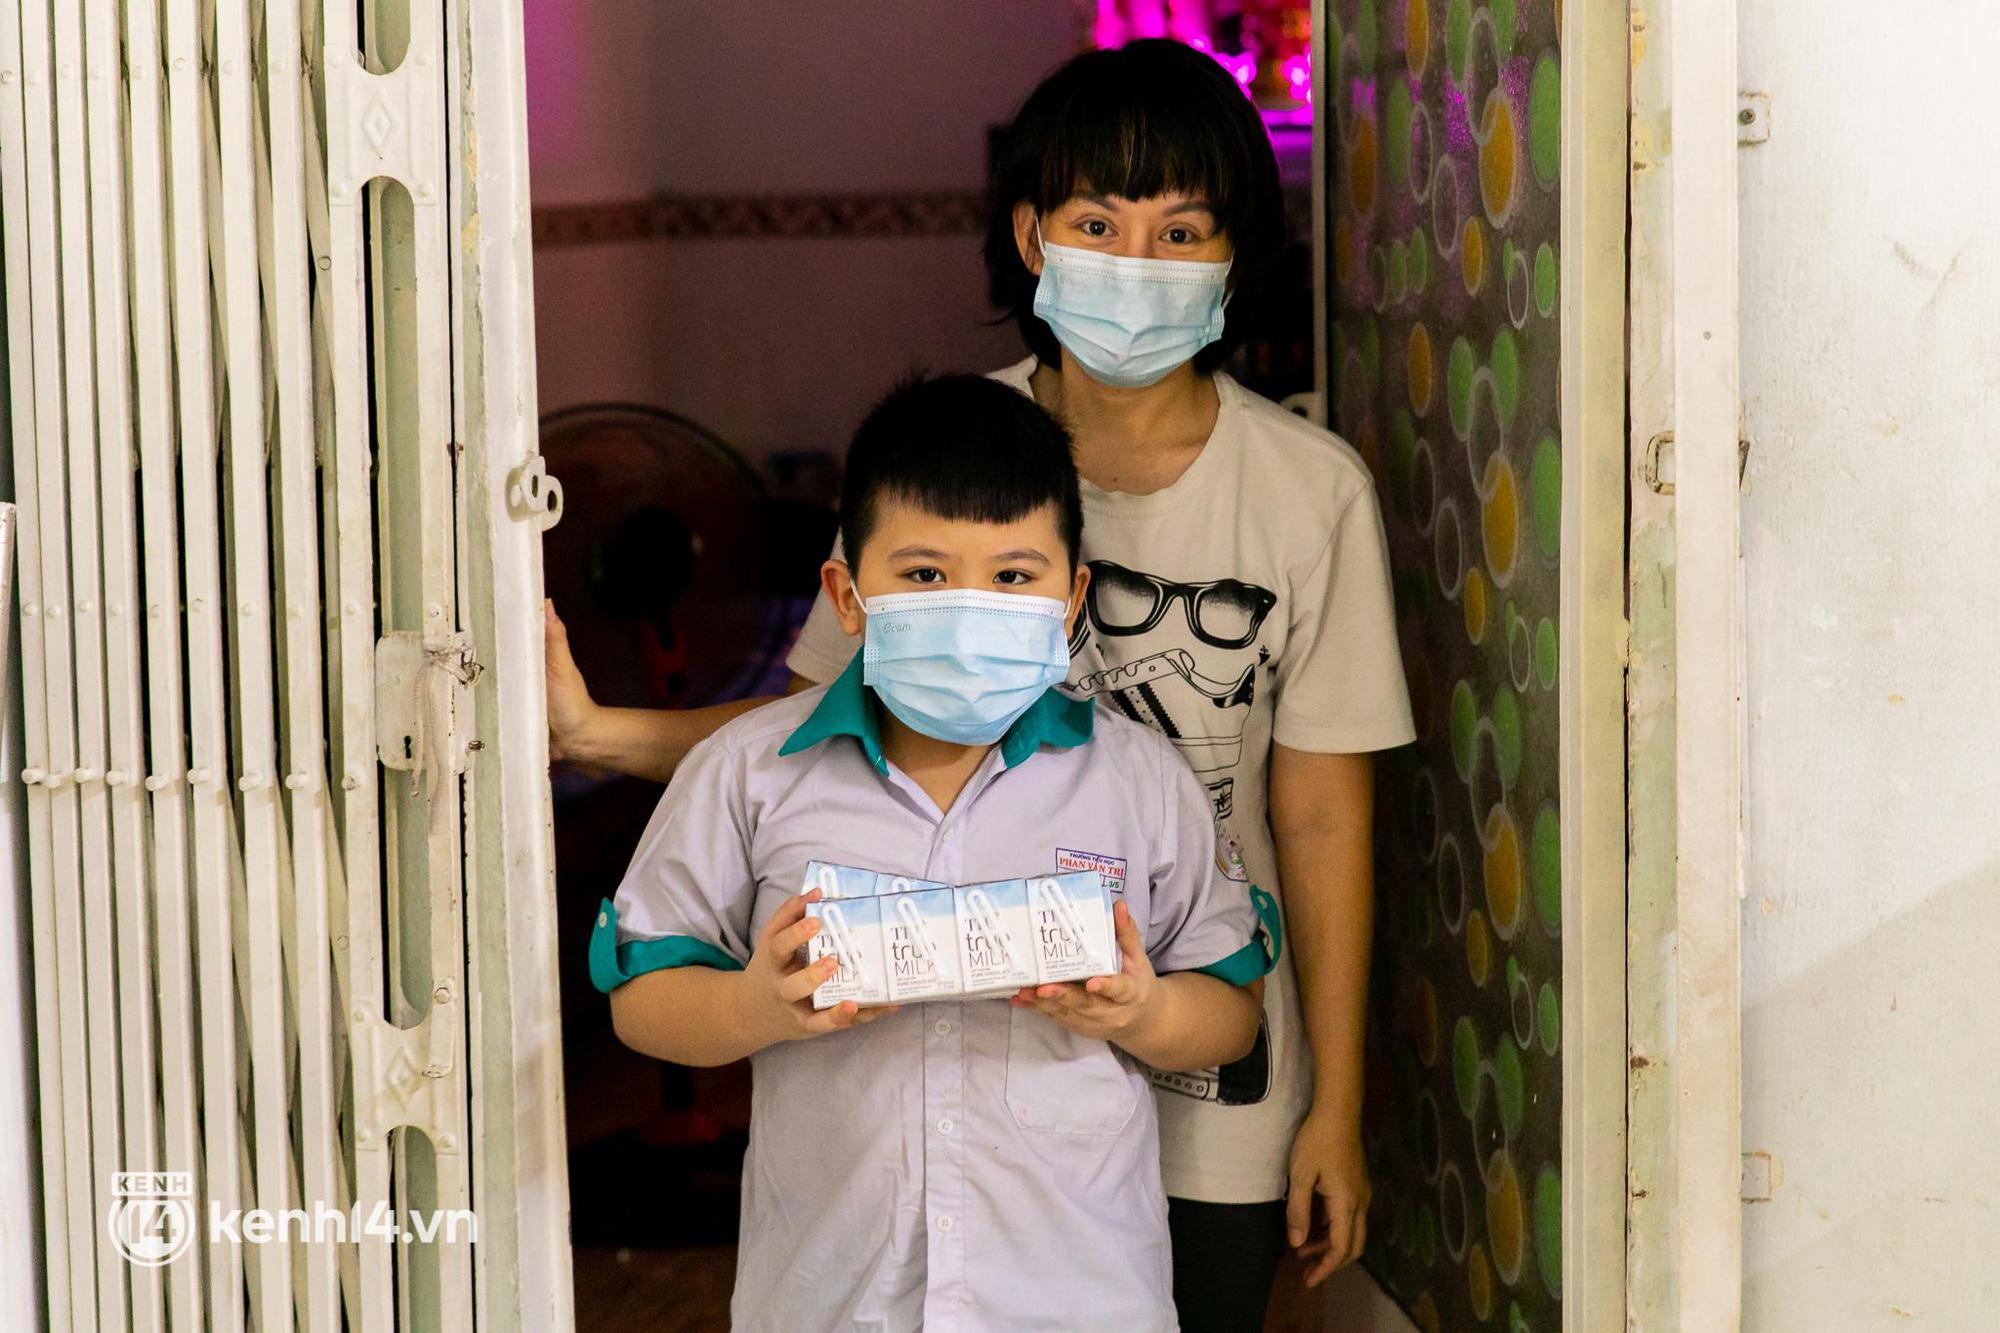 Ấm lòng mùa dịch: Trân quý những ly sữa tươi sạch tiếp sức trẻ nhỏ Sài Gòn - Ảnh 10.